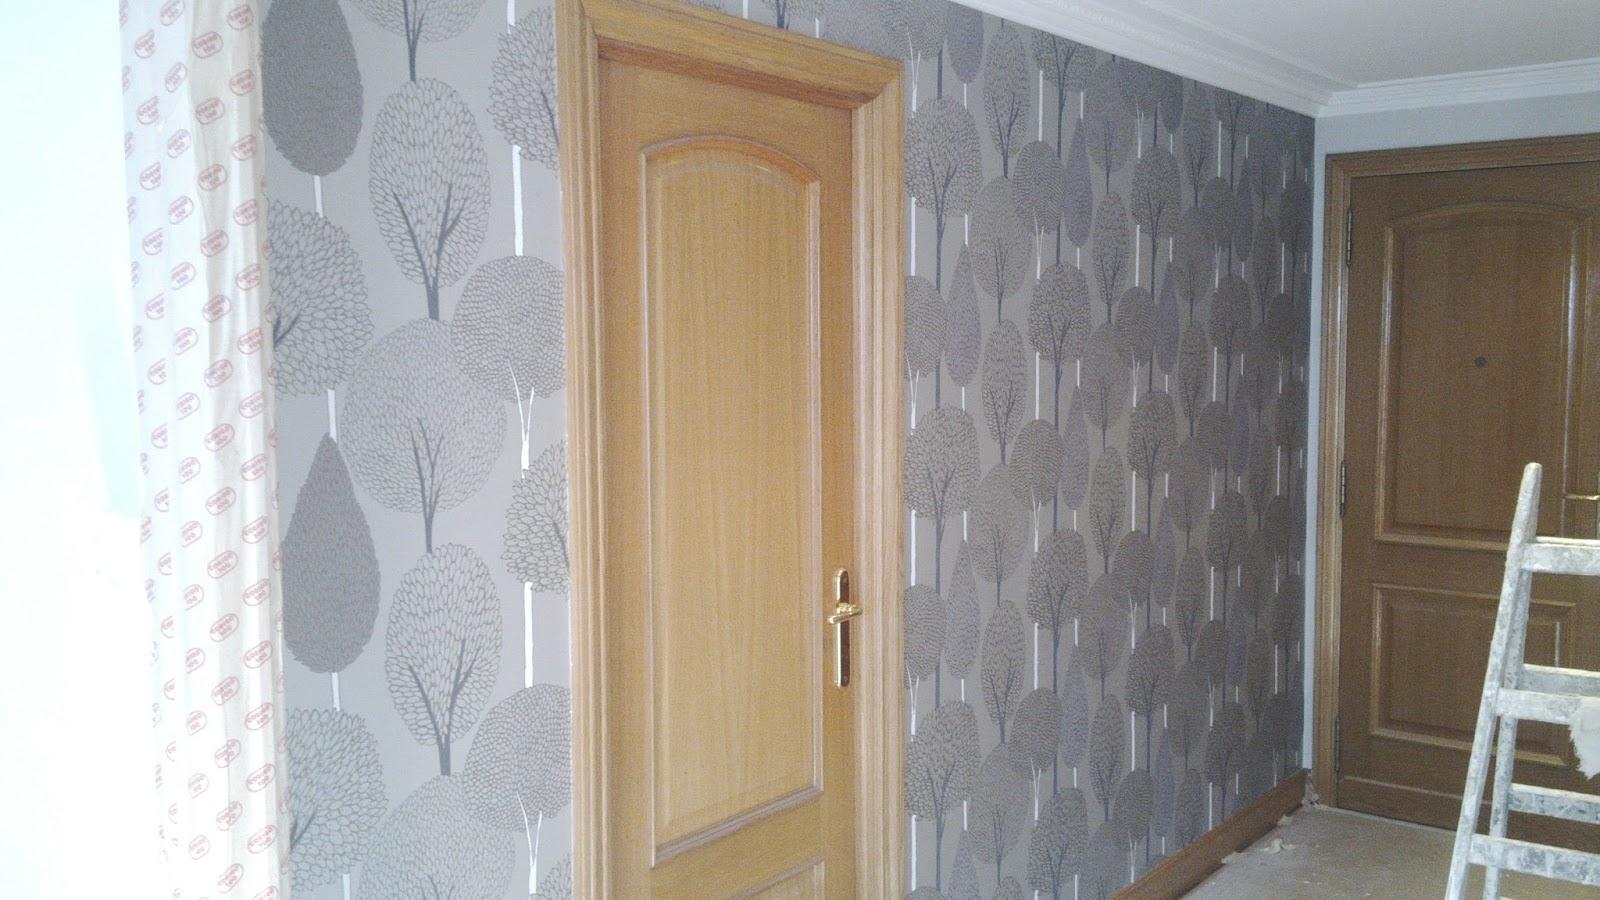 Pinturas aguado s l papel pintado entrada piso amara for Papel pintado entrada